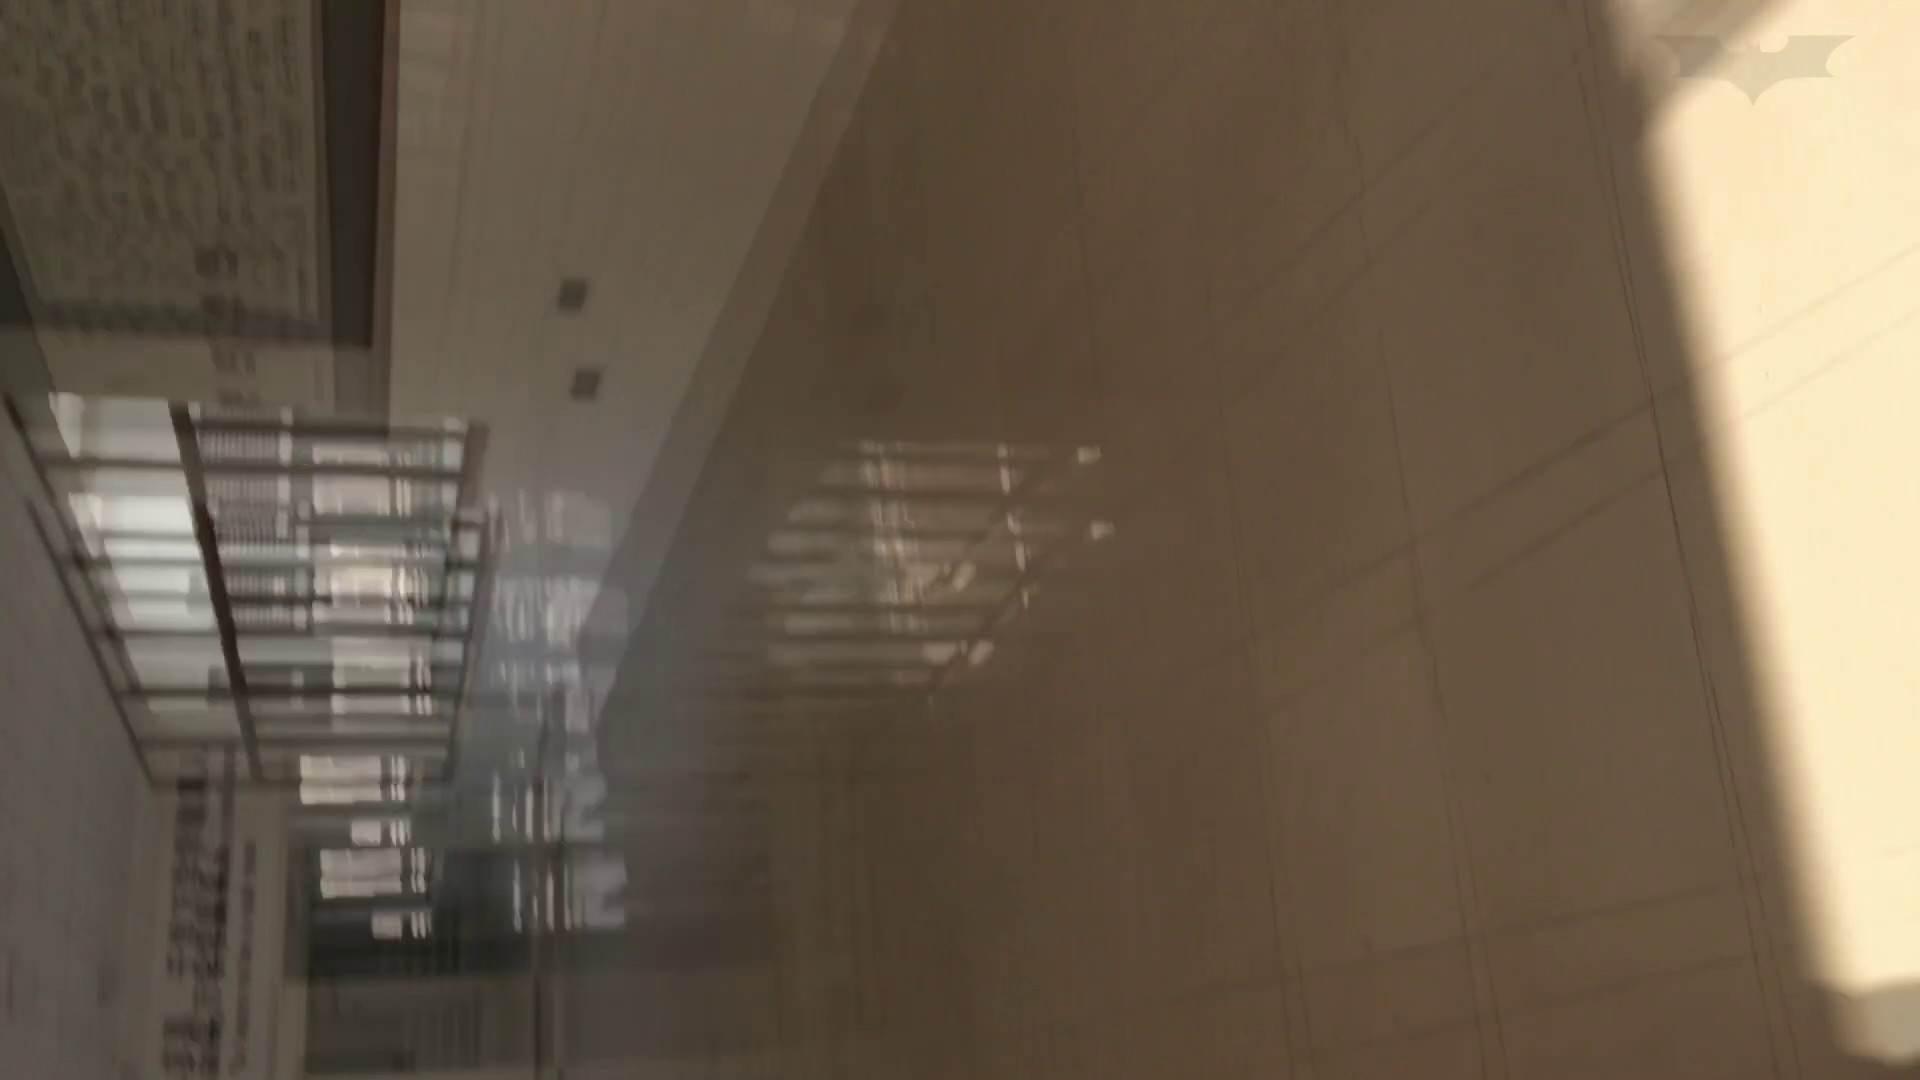 芸術大学ガチ潜入盗撮 JD盗撮 美女の洗面所の秘密 Vol.91 トイレの実態 オマンコ無修正動画無料 58PIX 17